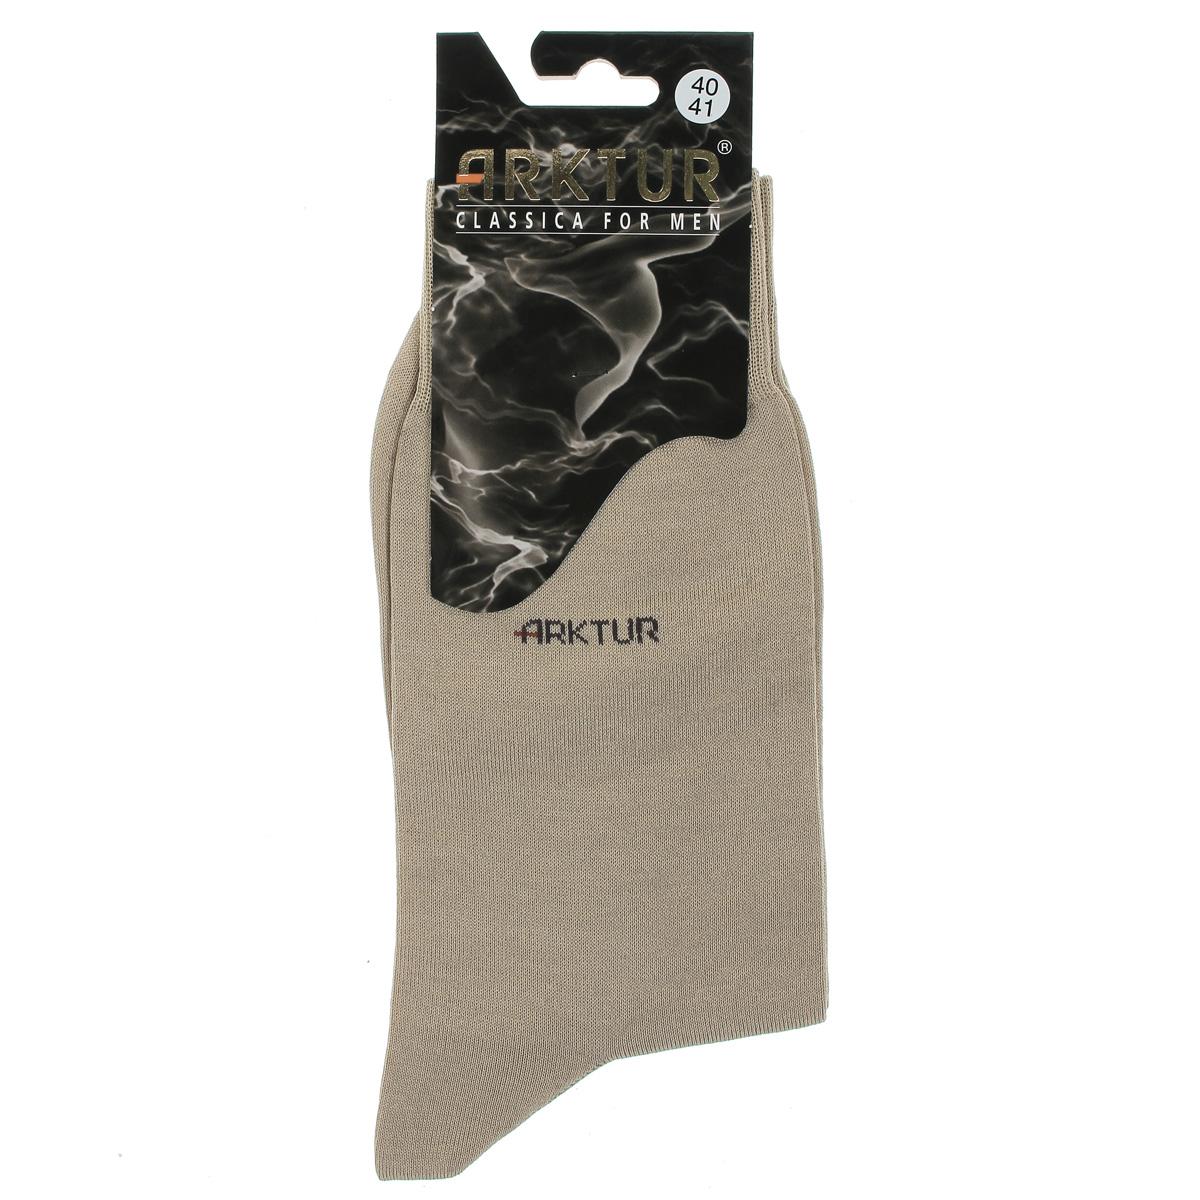 Носки мужские Arktur, цвет: светло-бежевый. Л150. Размер 44/45Л150Мужские носки Arktur престижного класса. Носки превосходного качества из мерсеризованного хлопка отличаются гладкой текстурой и шелковистостью, что создает приятное ощущение нежности и прохлады. Эргономичная резинка пресс-контроль комфортно облегает ногу. Носки обладают повышенной прочностью, не подвержены усадке. Усиленная пятка и мысок. Удлиненный паголенок.Идеальное сочетание практичности, комфорта и элегантности!